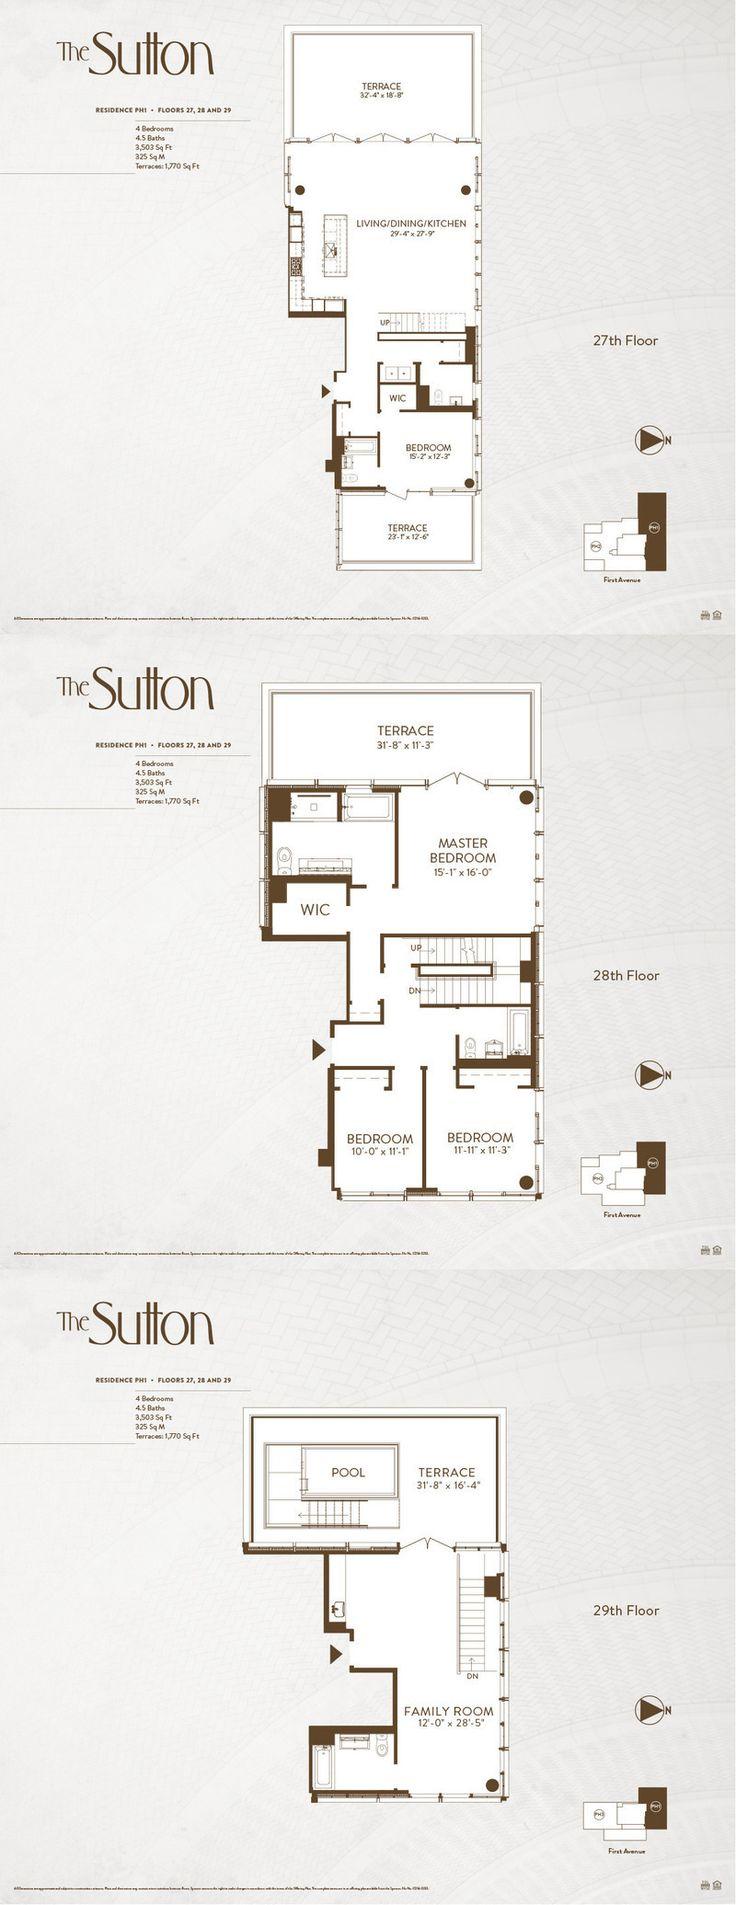 130 best triplex images on pinterest apartments new for Triplex blueprints